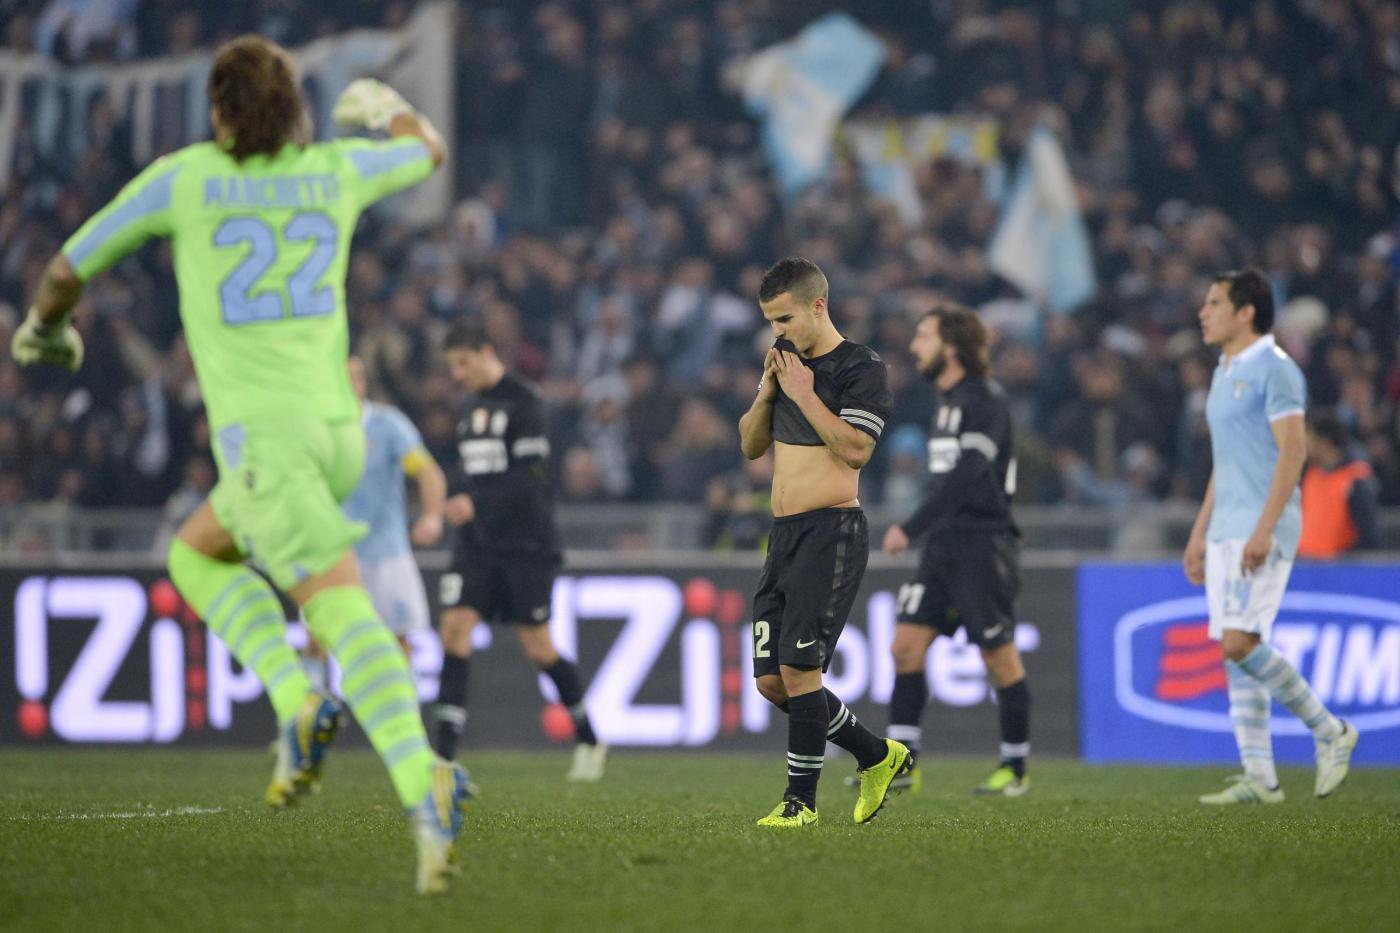 Ascolti tv martedì 29 gennaio 2013: Lazio-Juve sopra gli 8 mln e il 26%